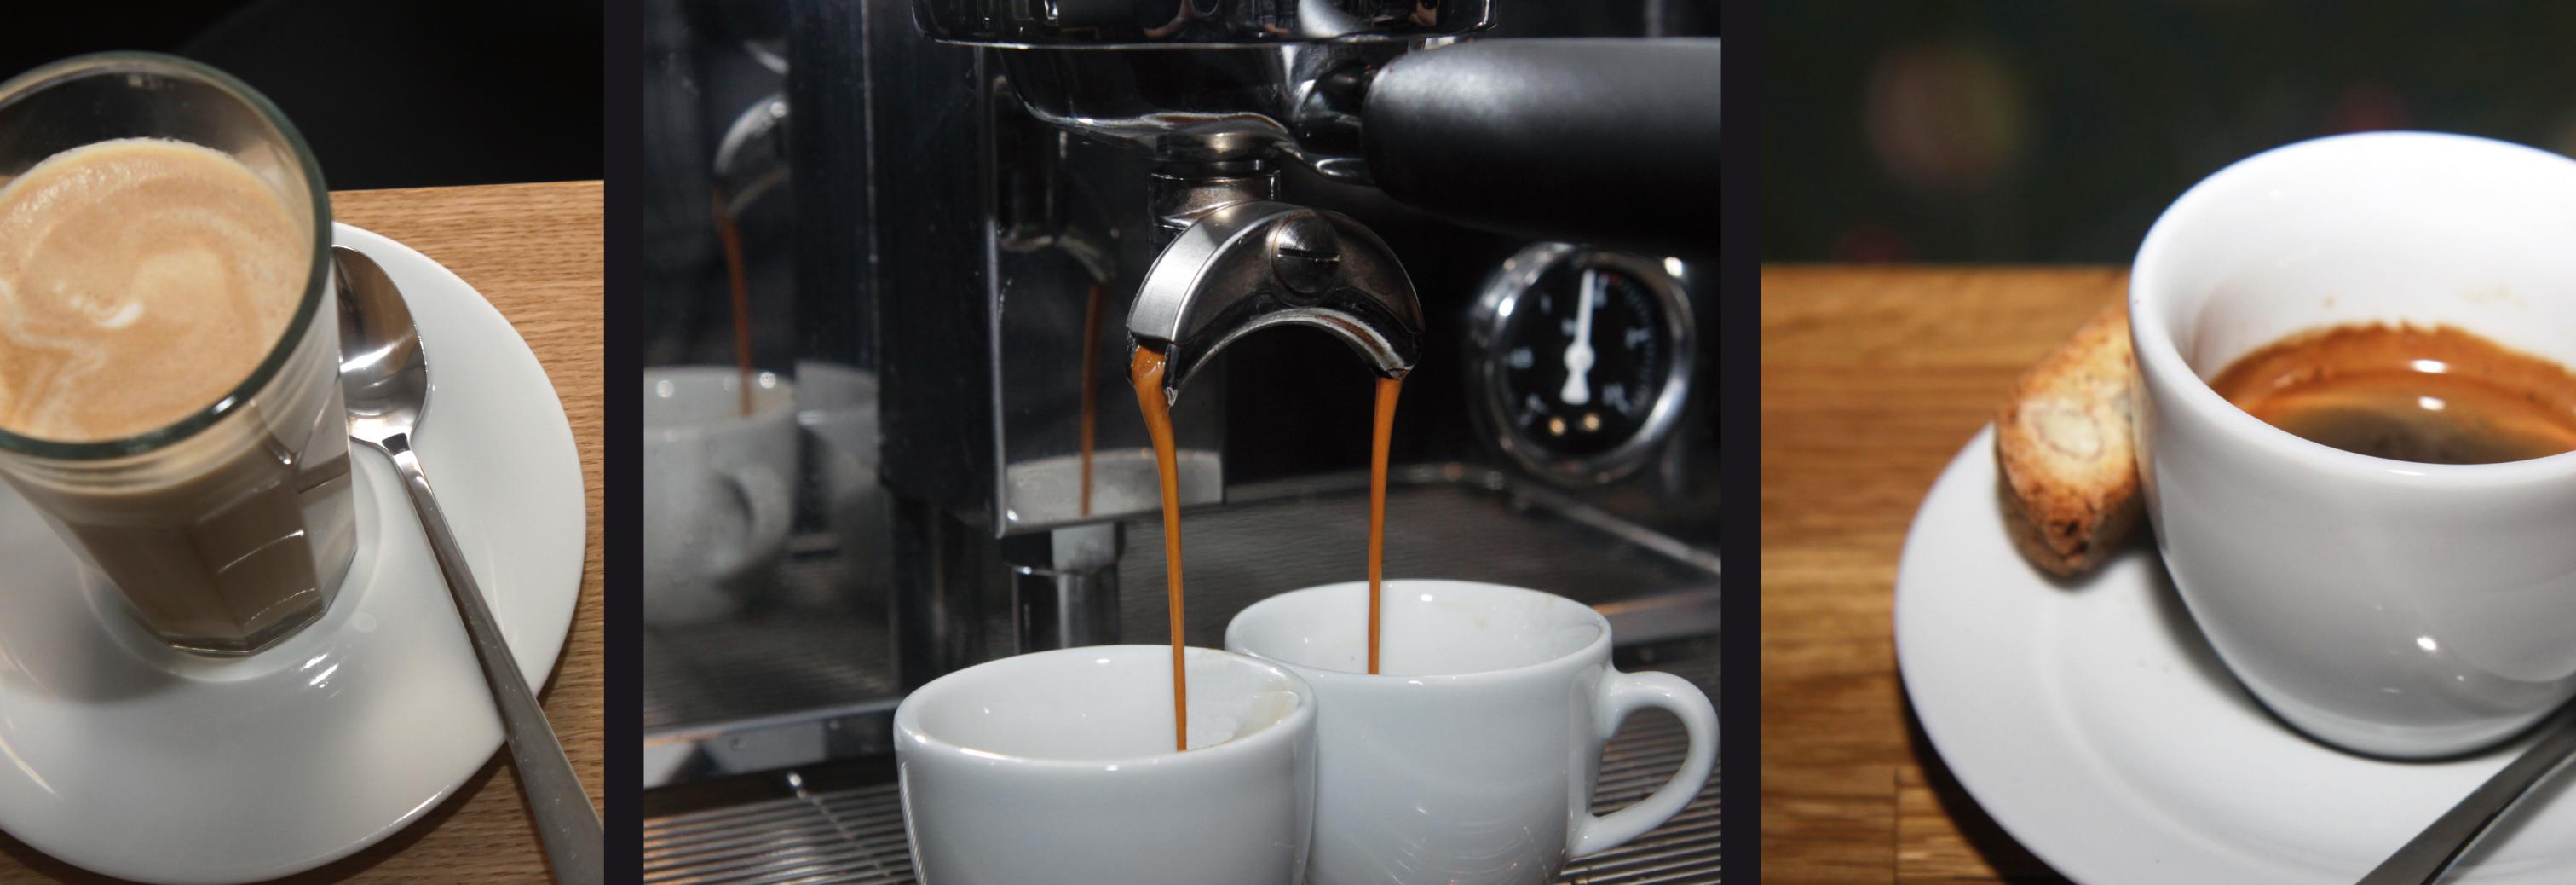 Kaffee_Leiste.indd